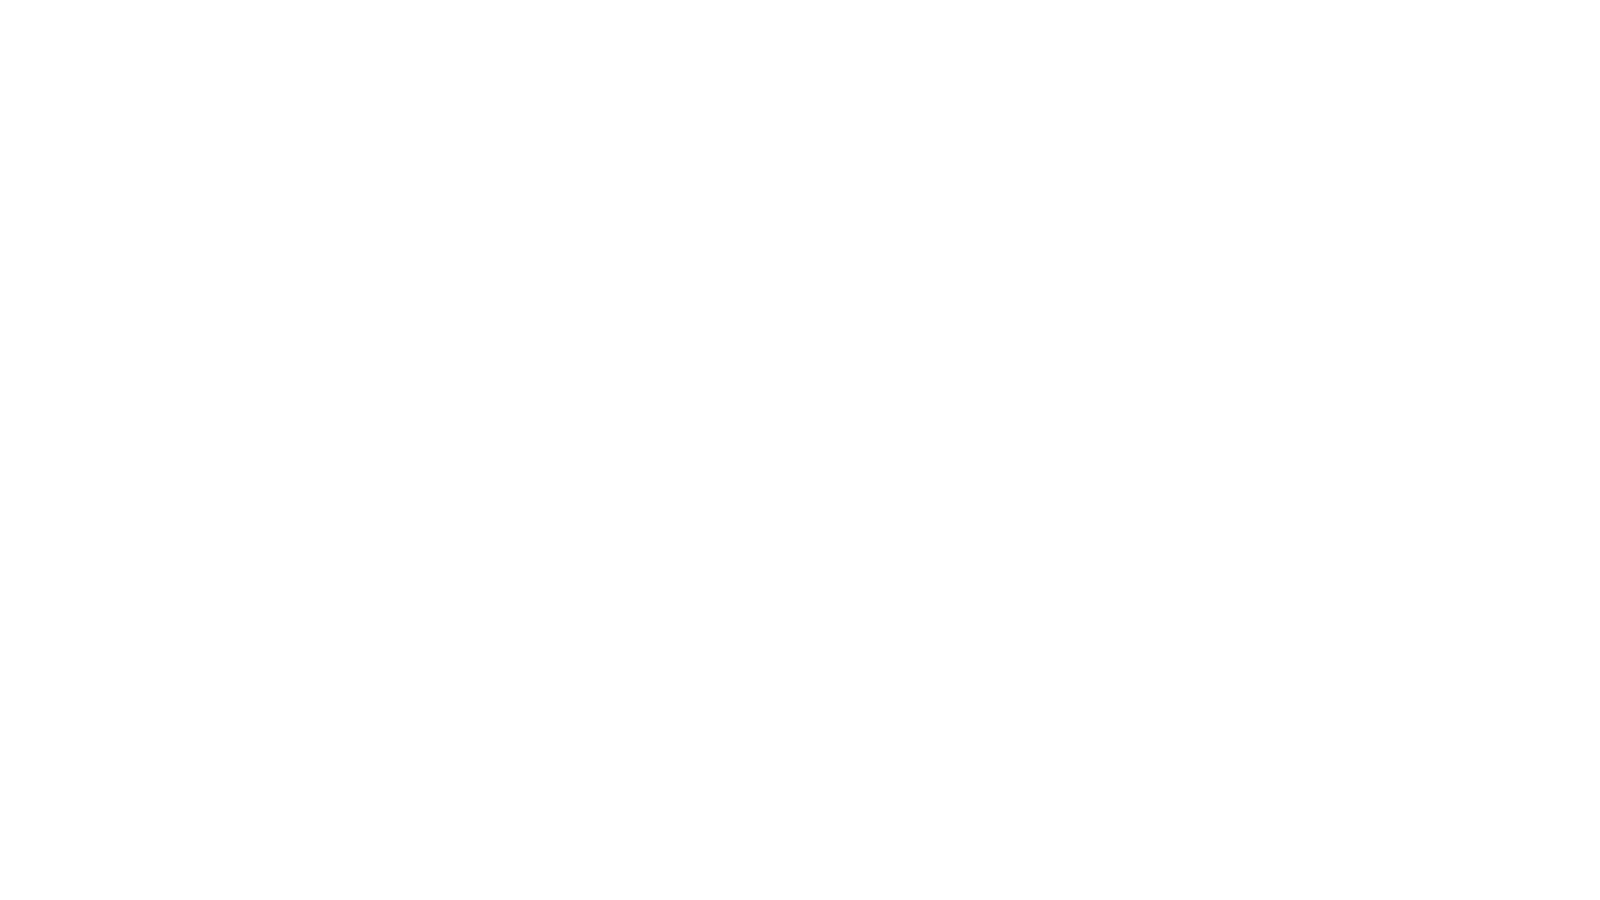 Підписуйся на канал та наші соцмережі, де є багато цінної інформації про розумне садівництво:) facebook.com/shoniplants/ — для зв`язку з нами та новин instagram.com/shoni_kyiv_ua/ — для гарних фото та сторіc t.me/Shoniplants — для оповіщення про наші події та письмових статей shoni.kiev.ua — сайт нашого розсадника